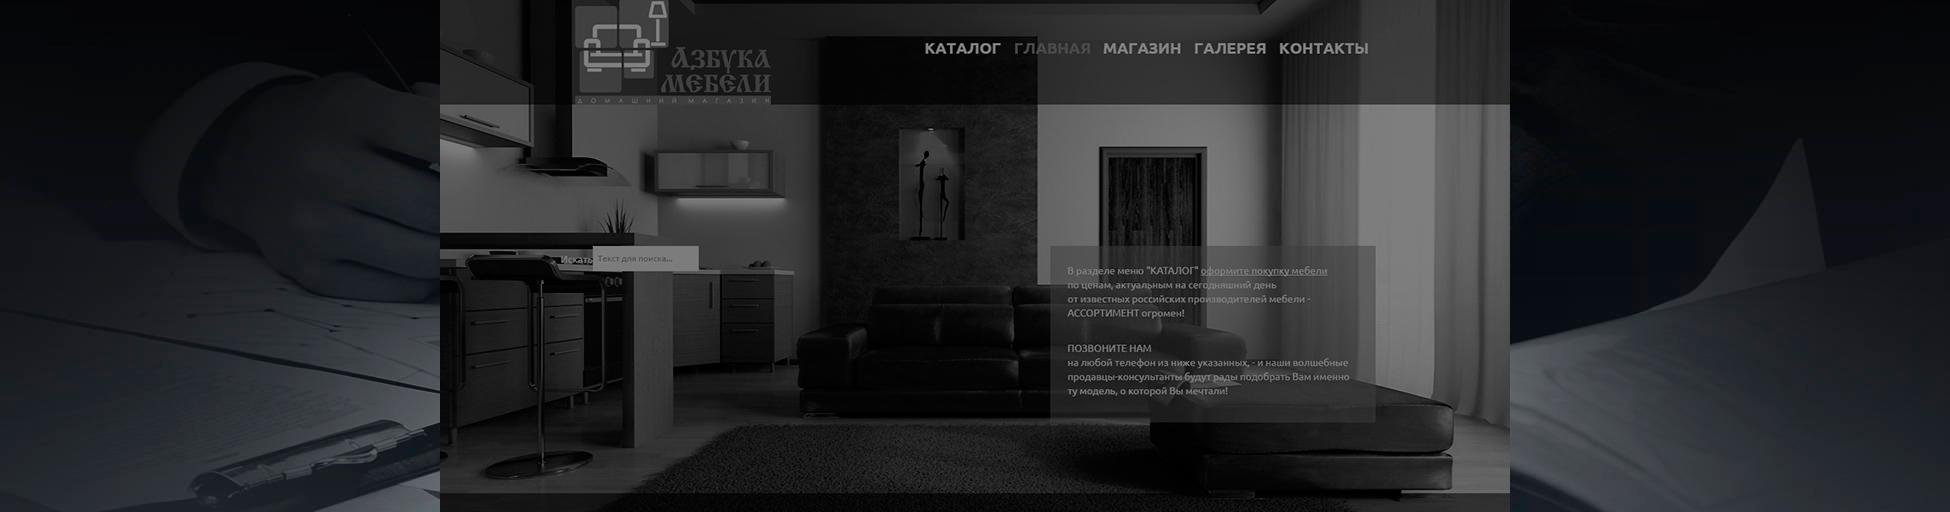 Создание сайта азбука мебели